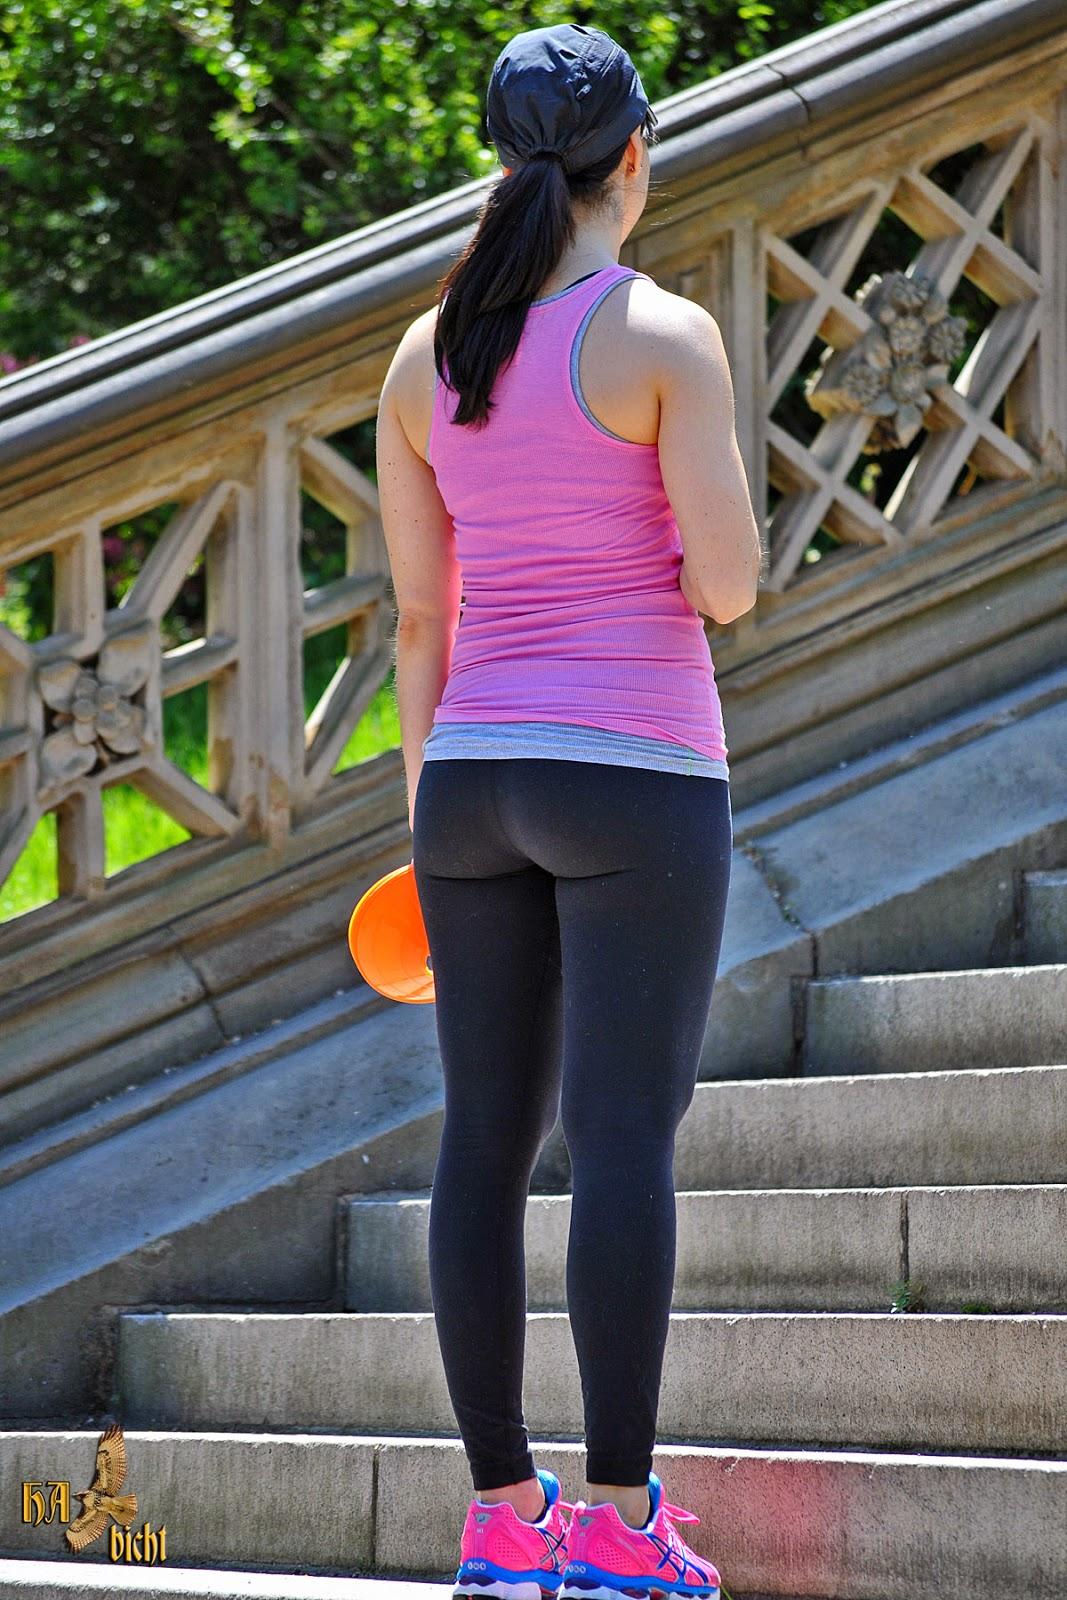 asian girls in leggings